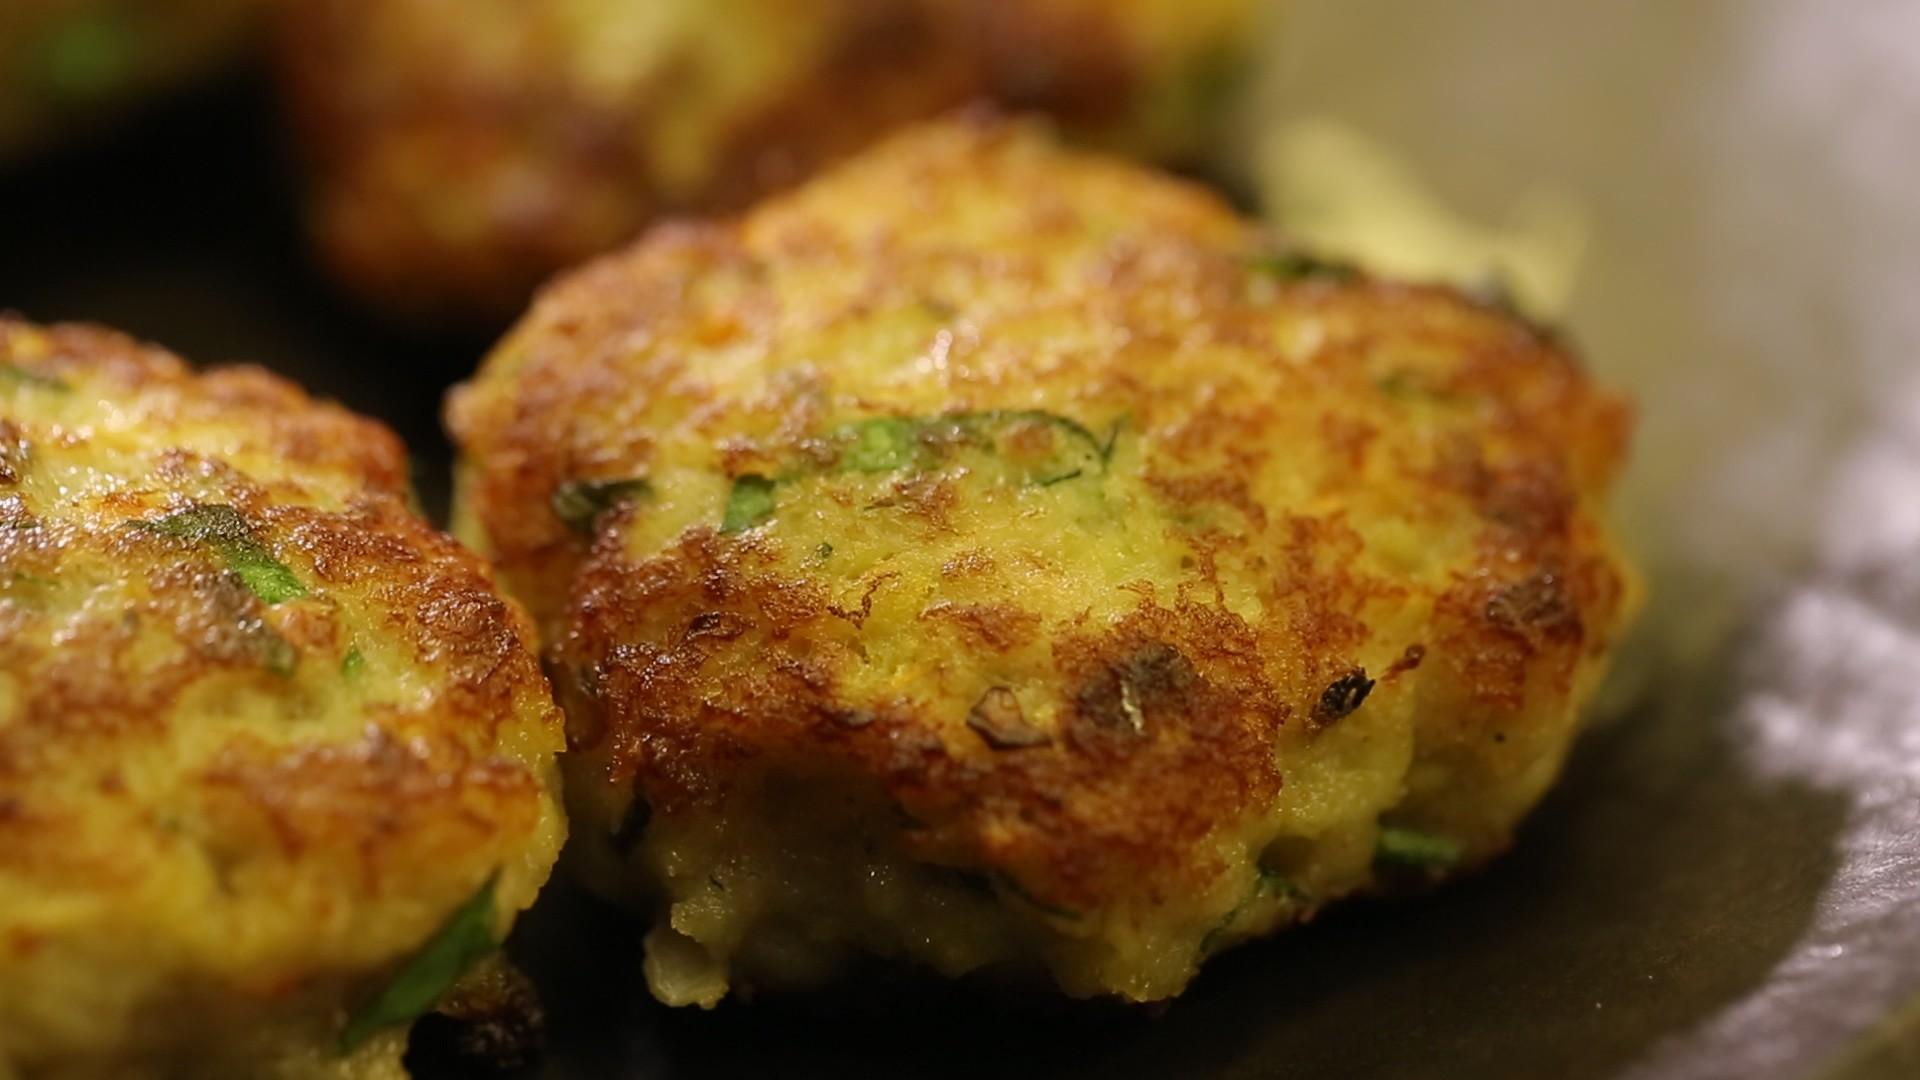 Фарш свино-говяжий г яйцо куриное 1 шт лук репчатый 1 шт картофель отварной г соль 1 ч.